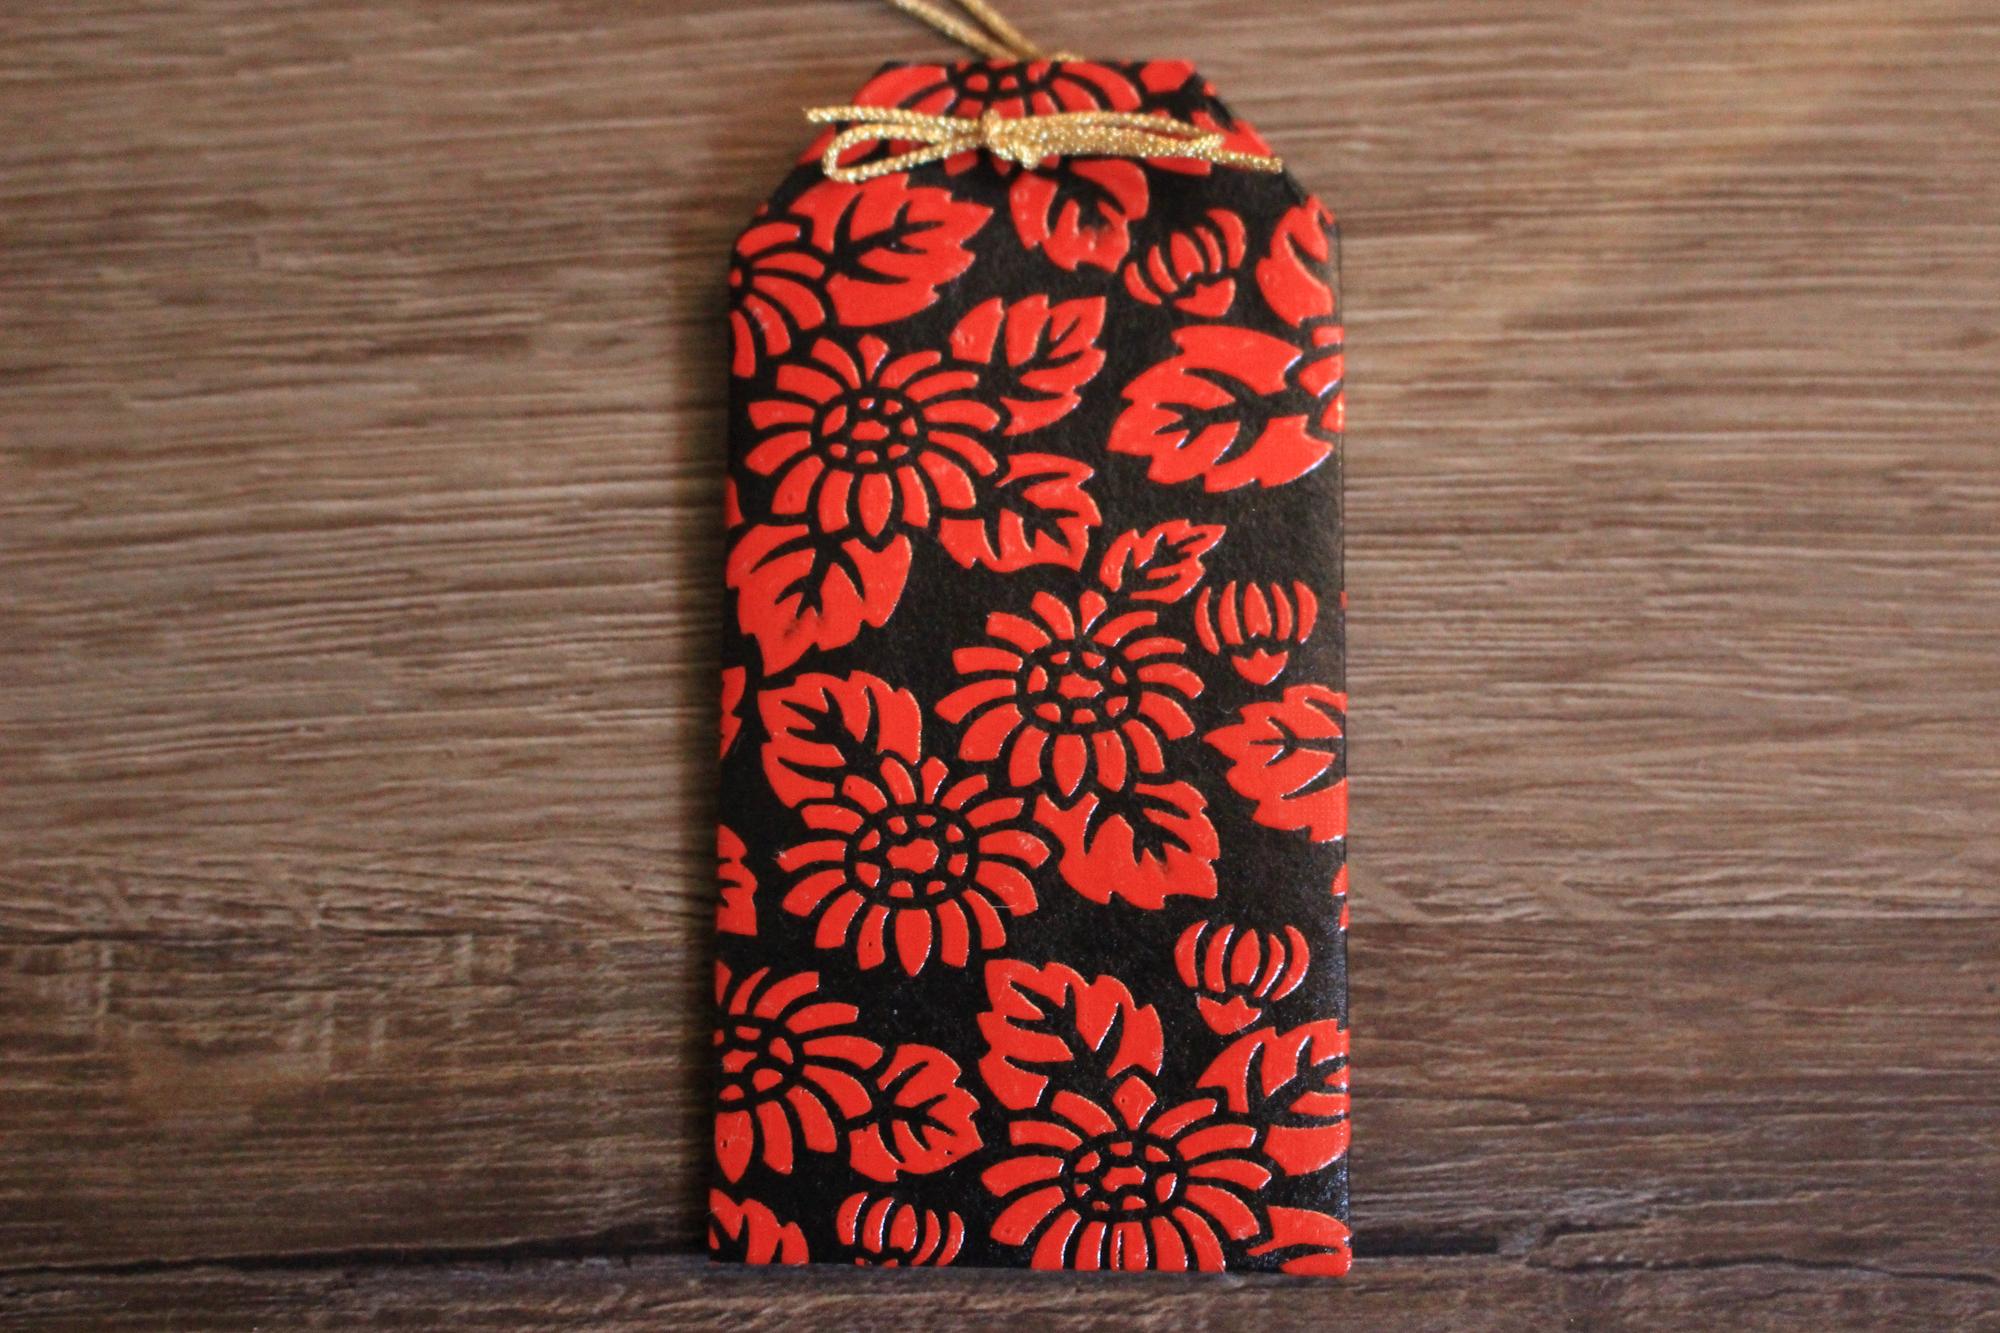 コロナ退散!和紙お守り型ポチ袋+ミニ和紙カード 5枚セット No.3